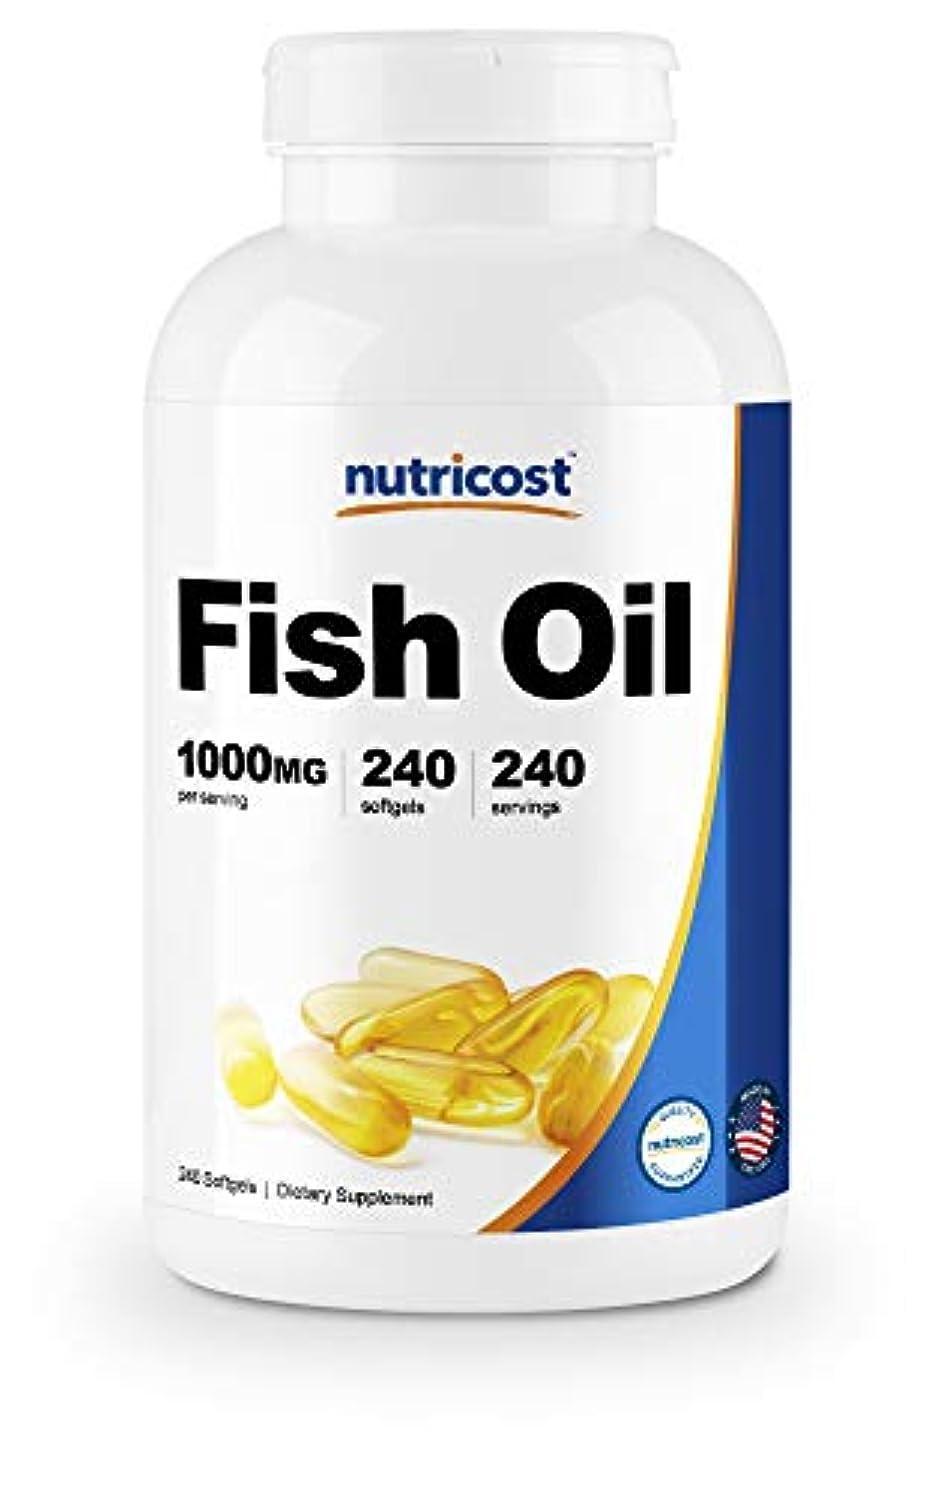 告発重要な役割を果たす、中心的な手段となる絶滅させるNutricost 魚油オメガ3 1000mg(オメガ3の600mg)、240ソフトカプセル、非GMO、グルテンフリー